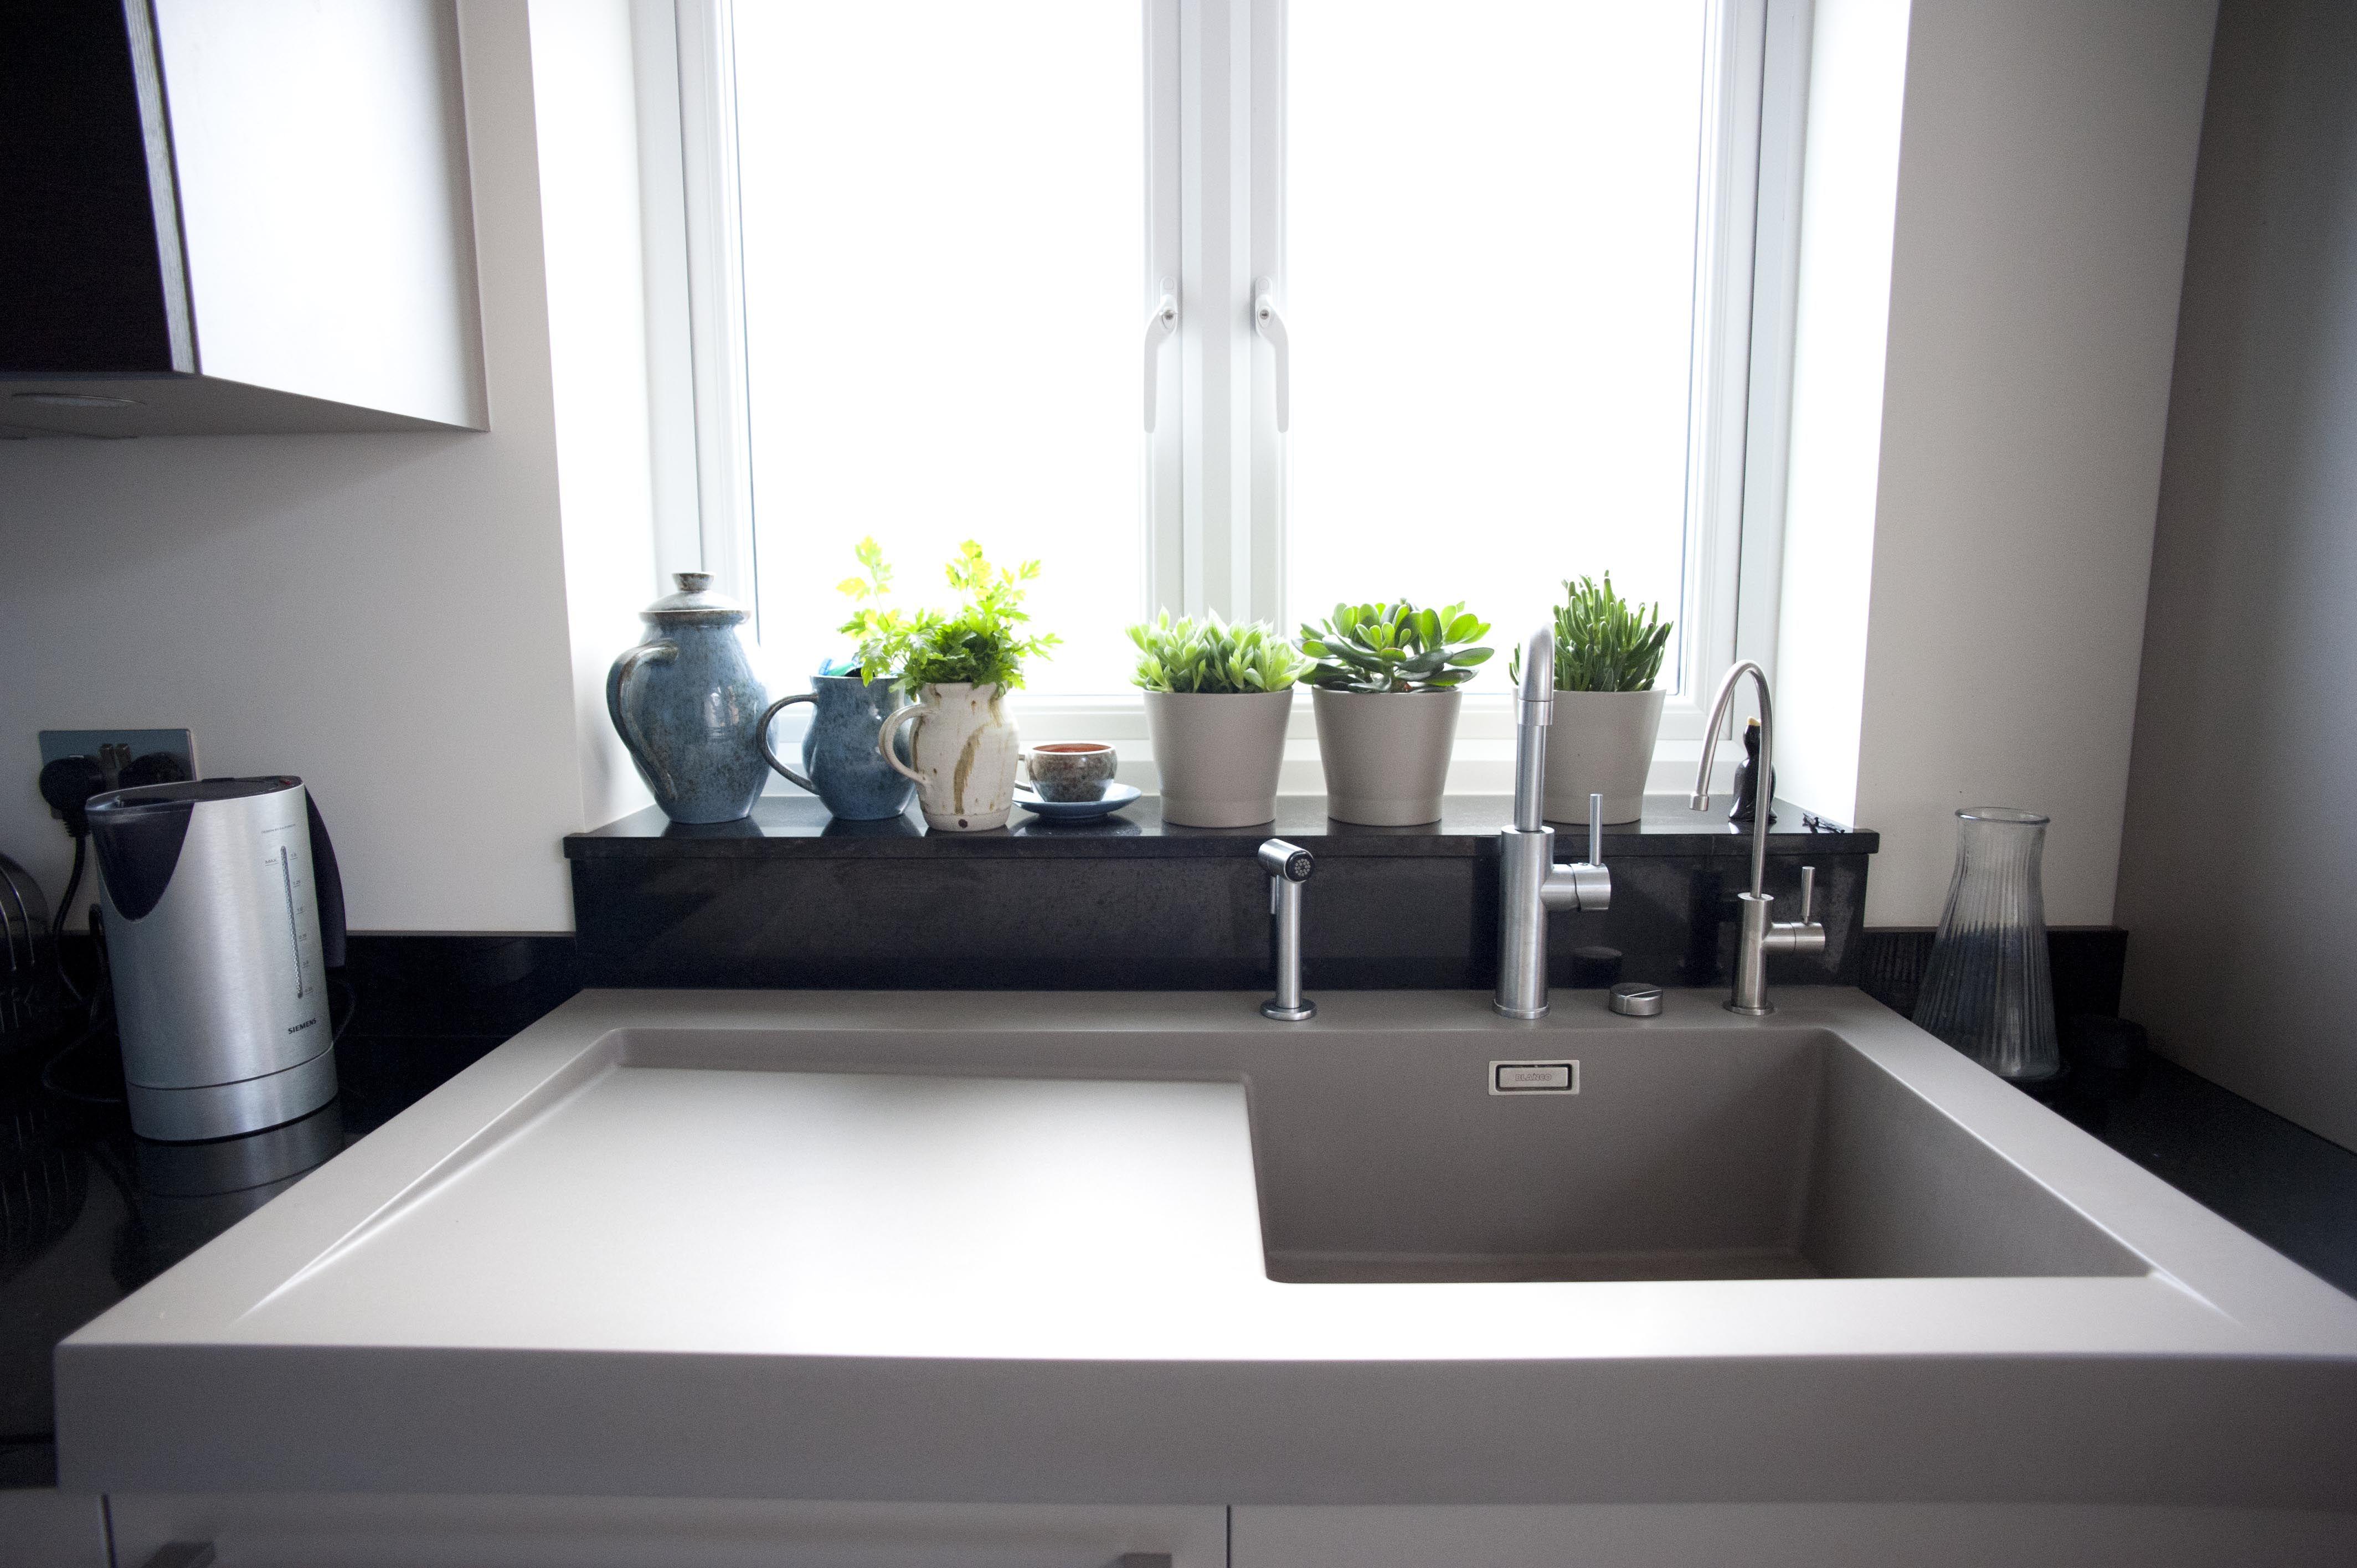 Nolte Kitchens | Cheshunt F.C., Glass splashbacks and Kitchens